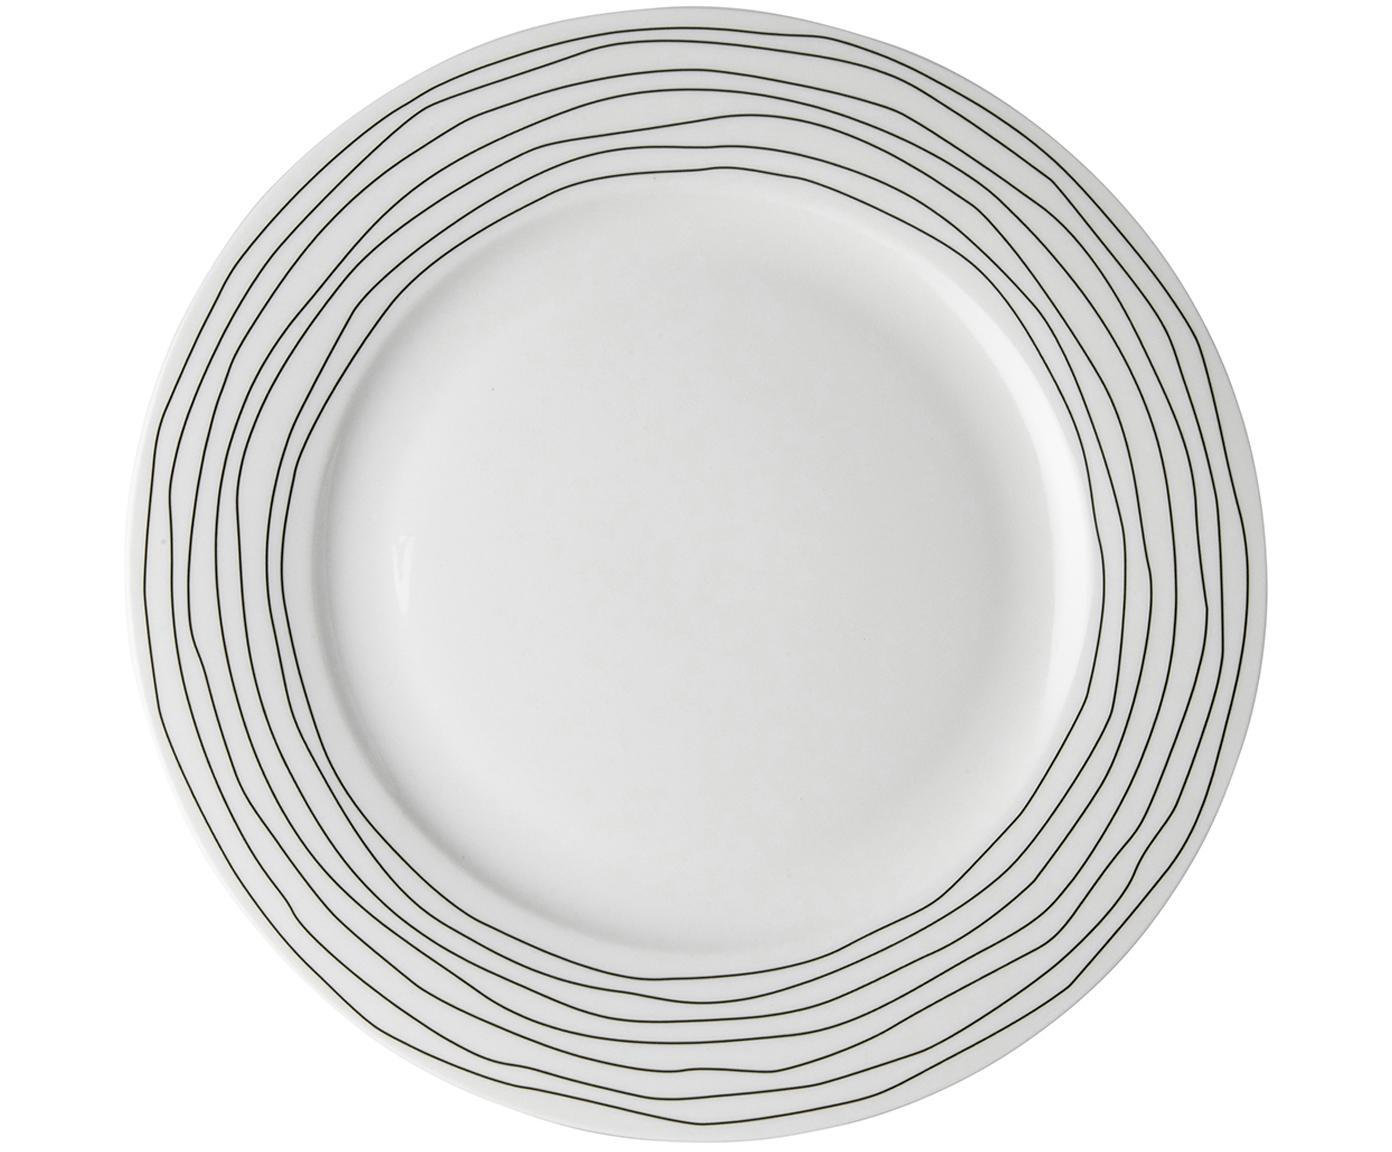 Speiseteller Eris Loft, 4 Stück, Porzellan, Weiß, Schwarz, Ø 26 x H 2 cm